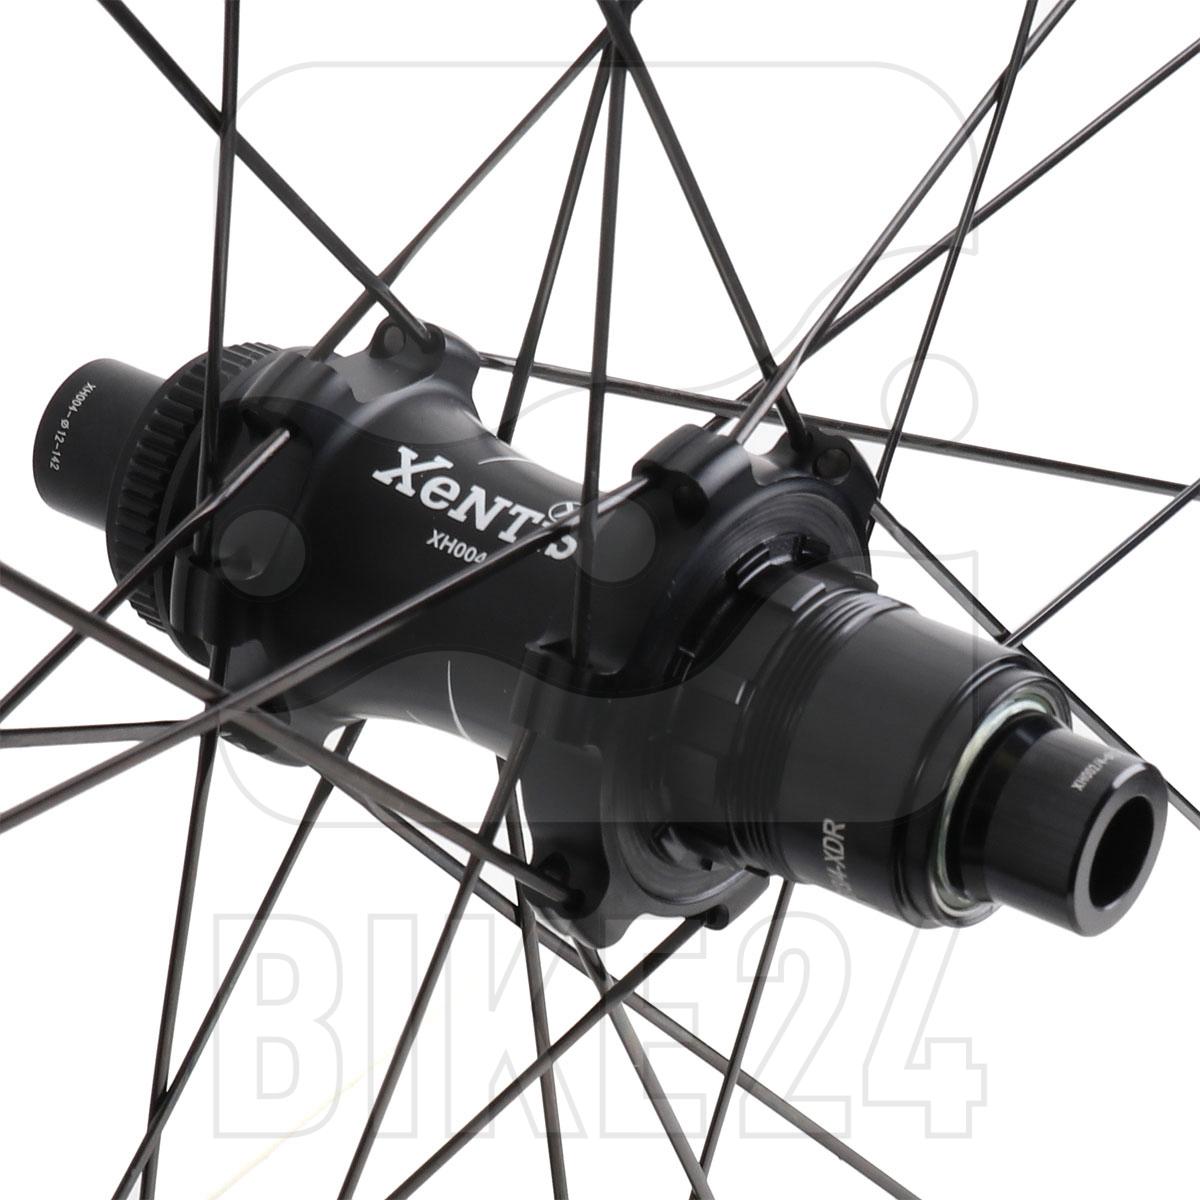 Bild von Xentis Squad 4.2 SL Tubeless Ready Scheibenbremse - Carbon Laufradsatz - Drahtreifen - Centerlock - VR: 12x100mm | HR: 12x142mm - SRAM/Shimano - matt schwarz / weiß